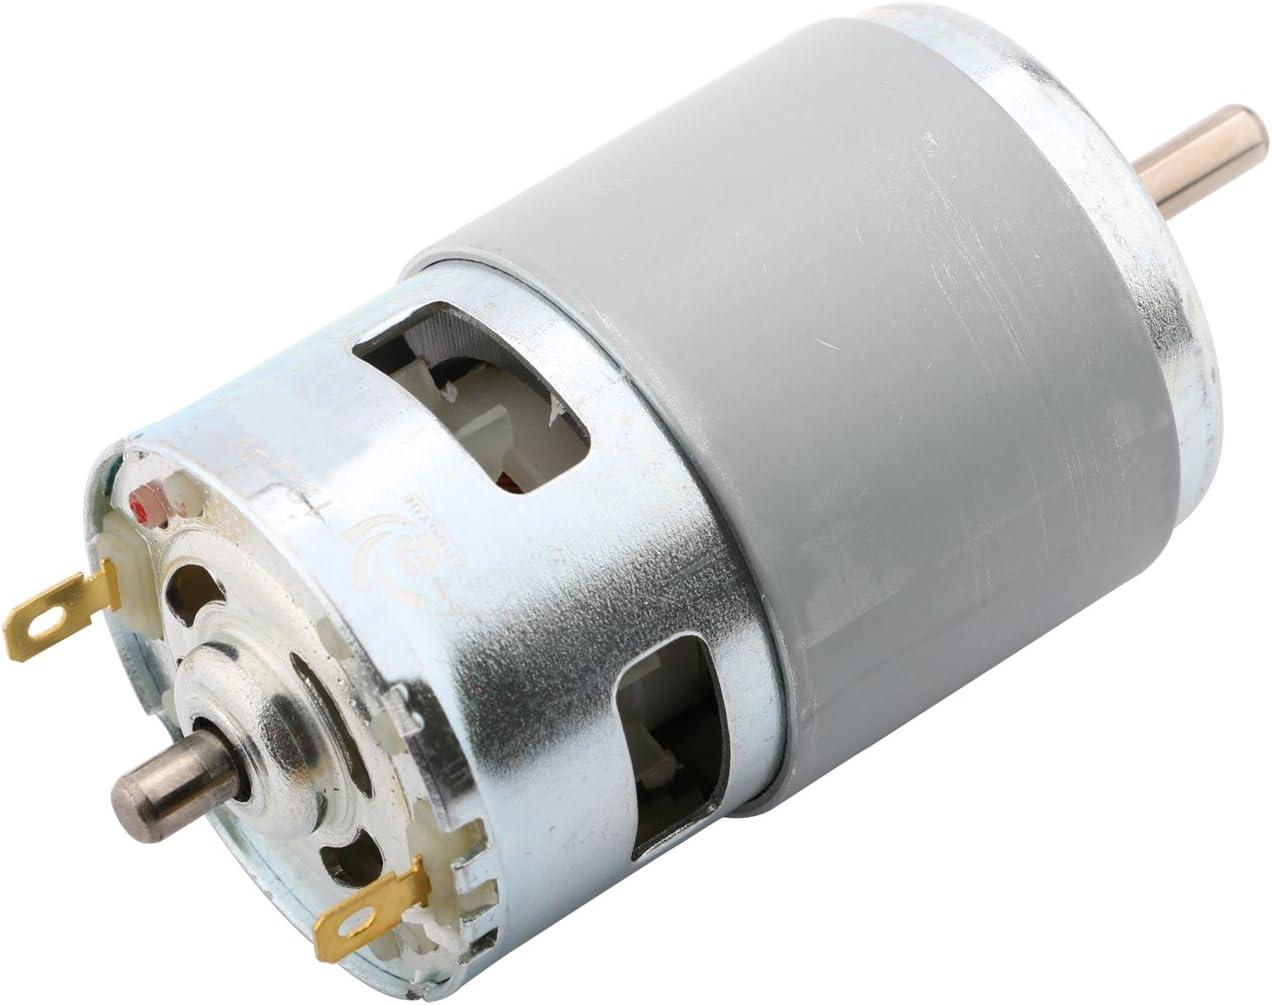 775 DC 12V RPM 6000 30W Motor Ball Bearing Power adaptor 12 15 16 18 19 20 24V